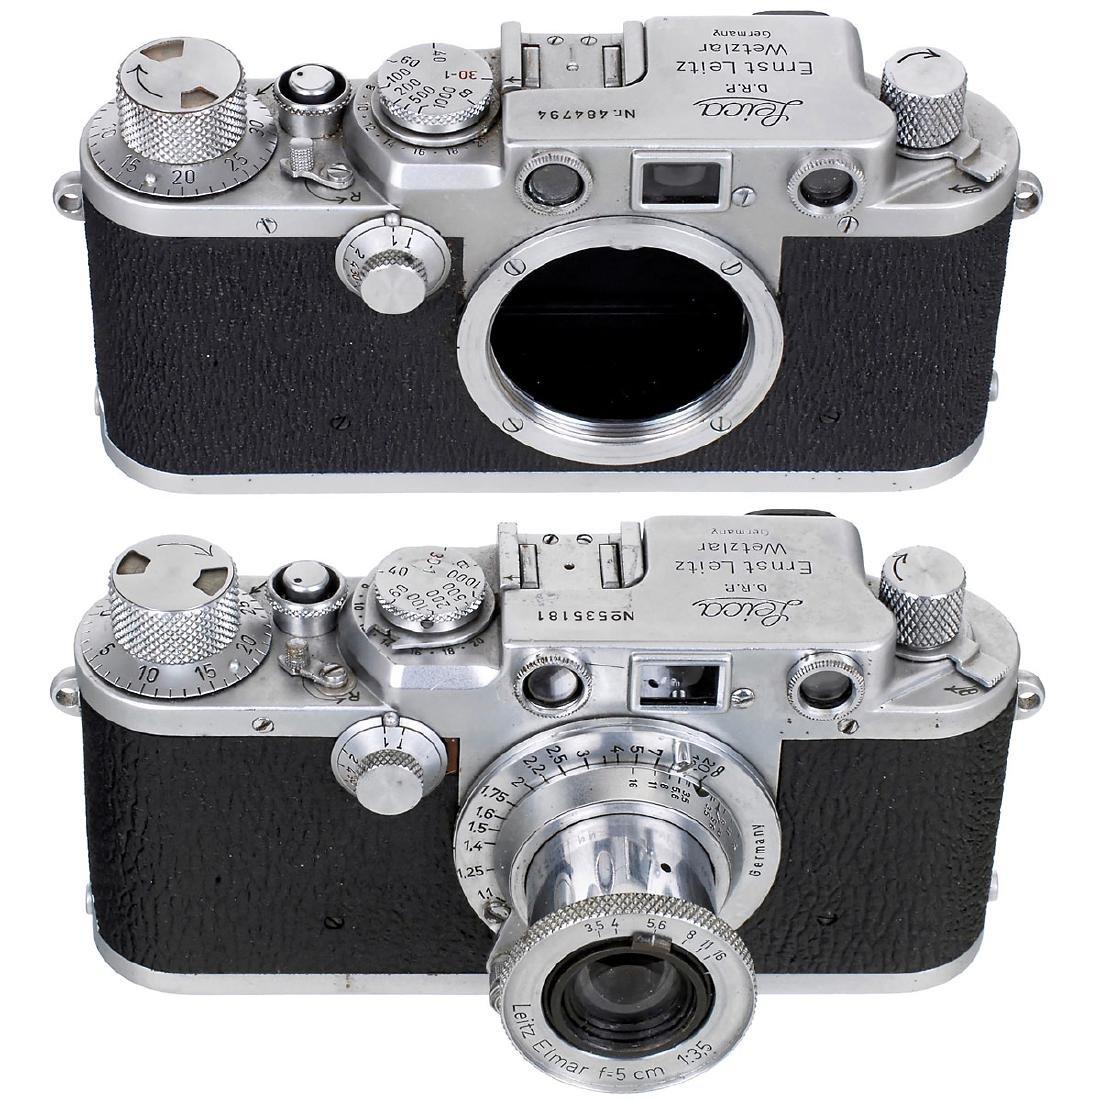 2 x Leica IIIf